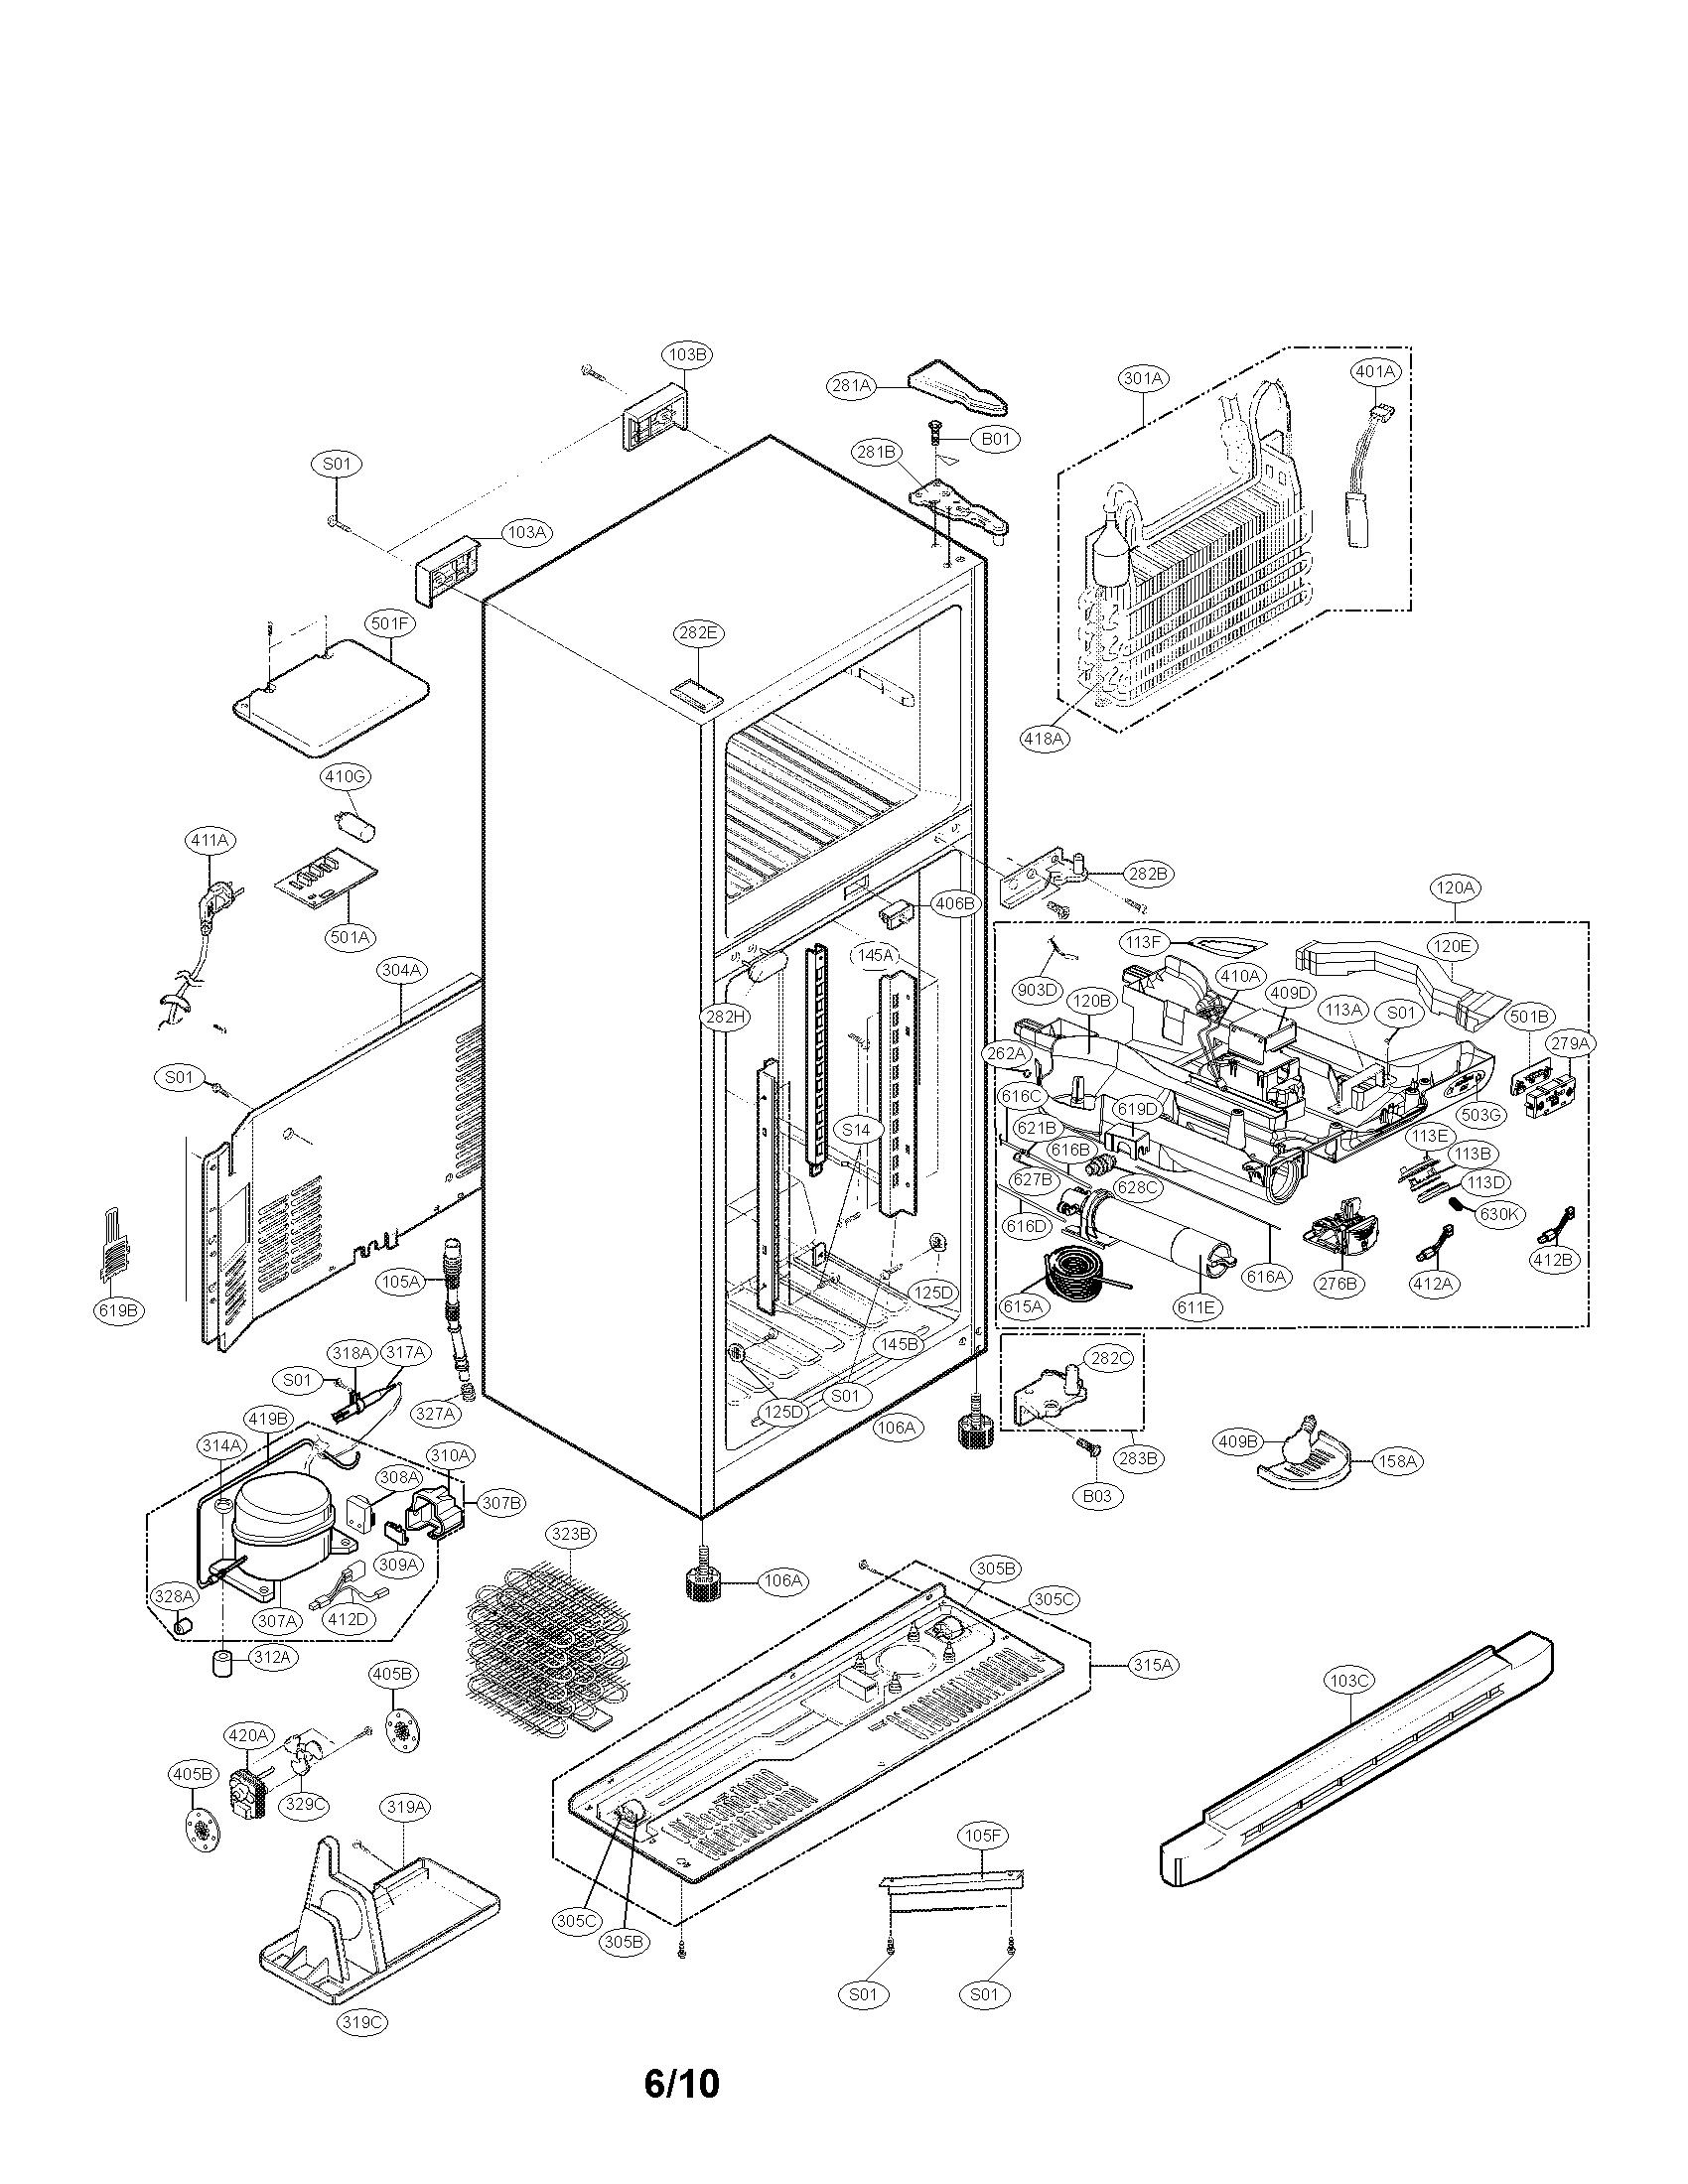 Kenmore model 79579302901 top-mount refrigerator genuine parts